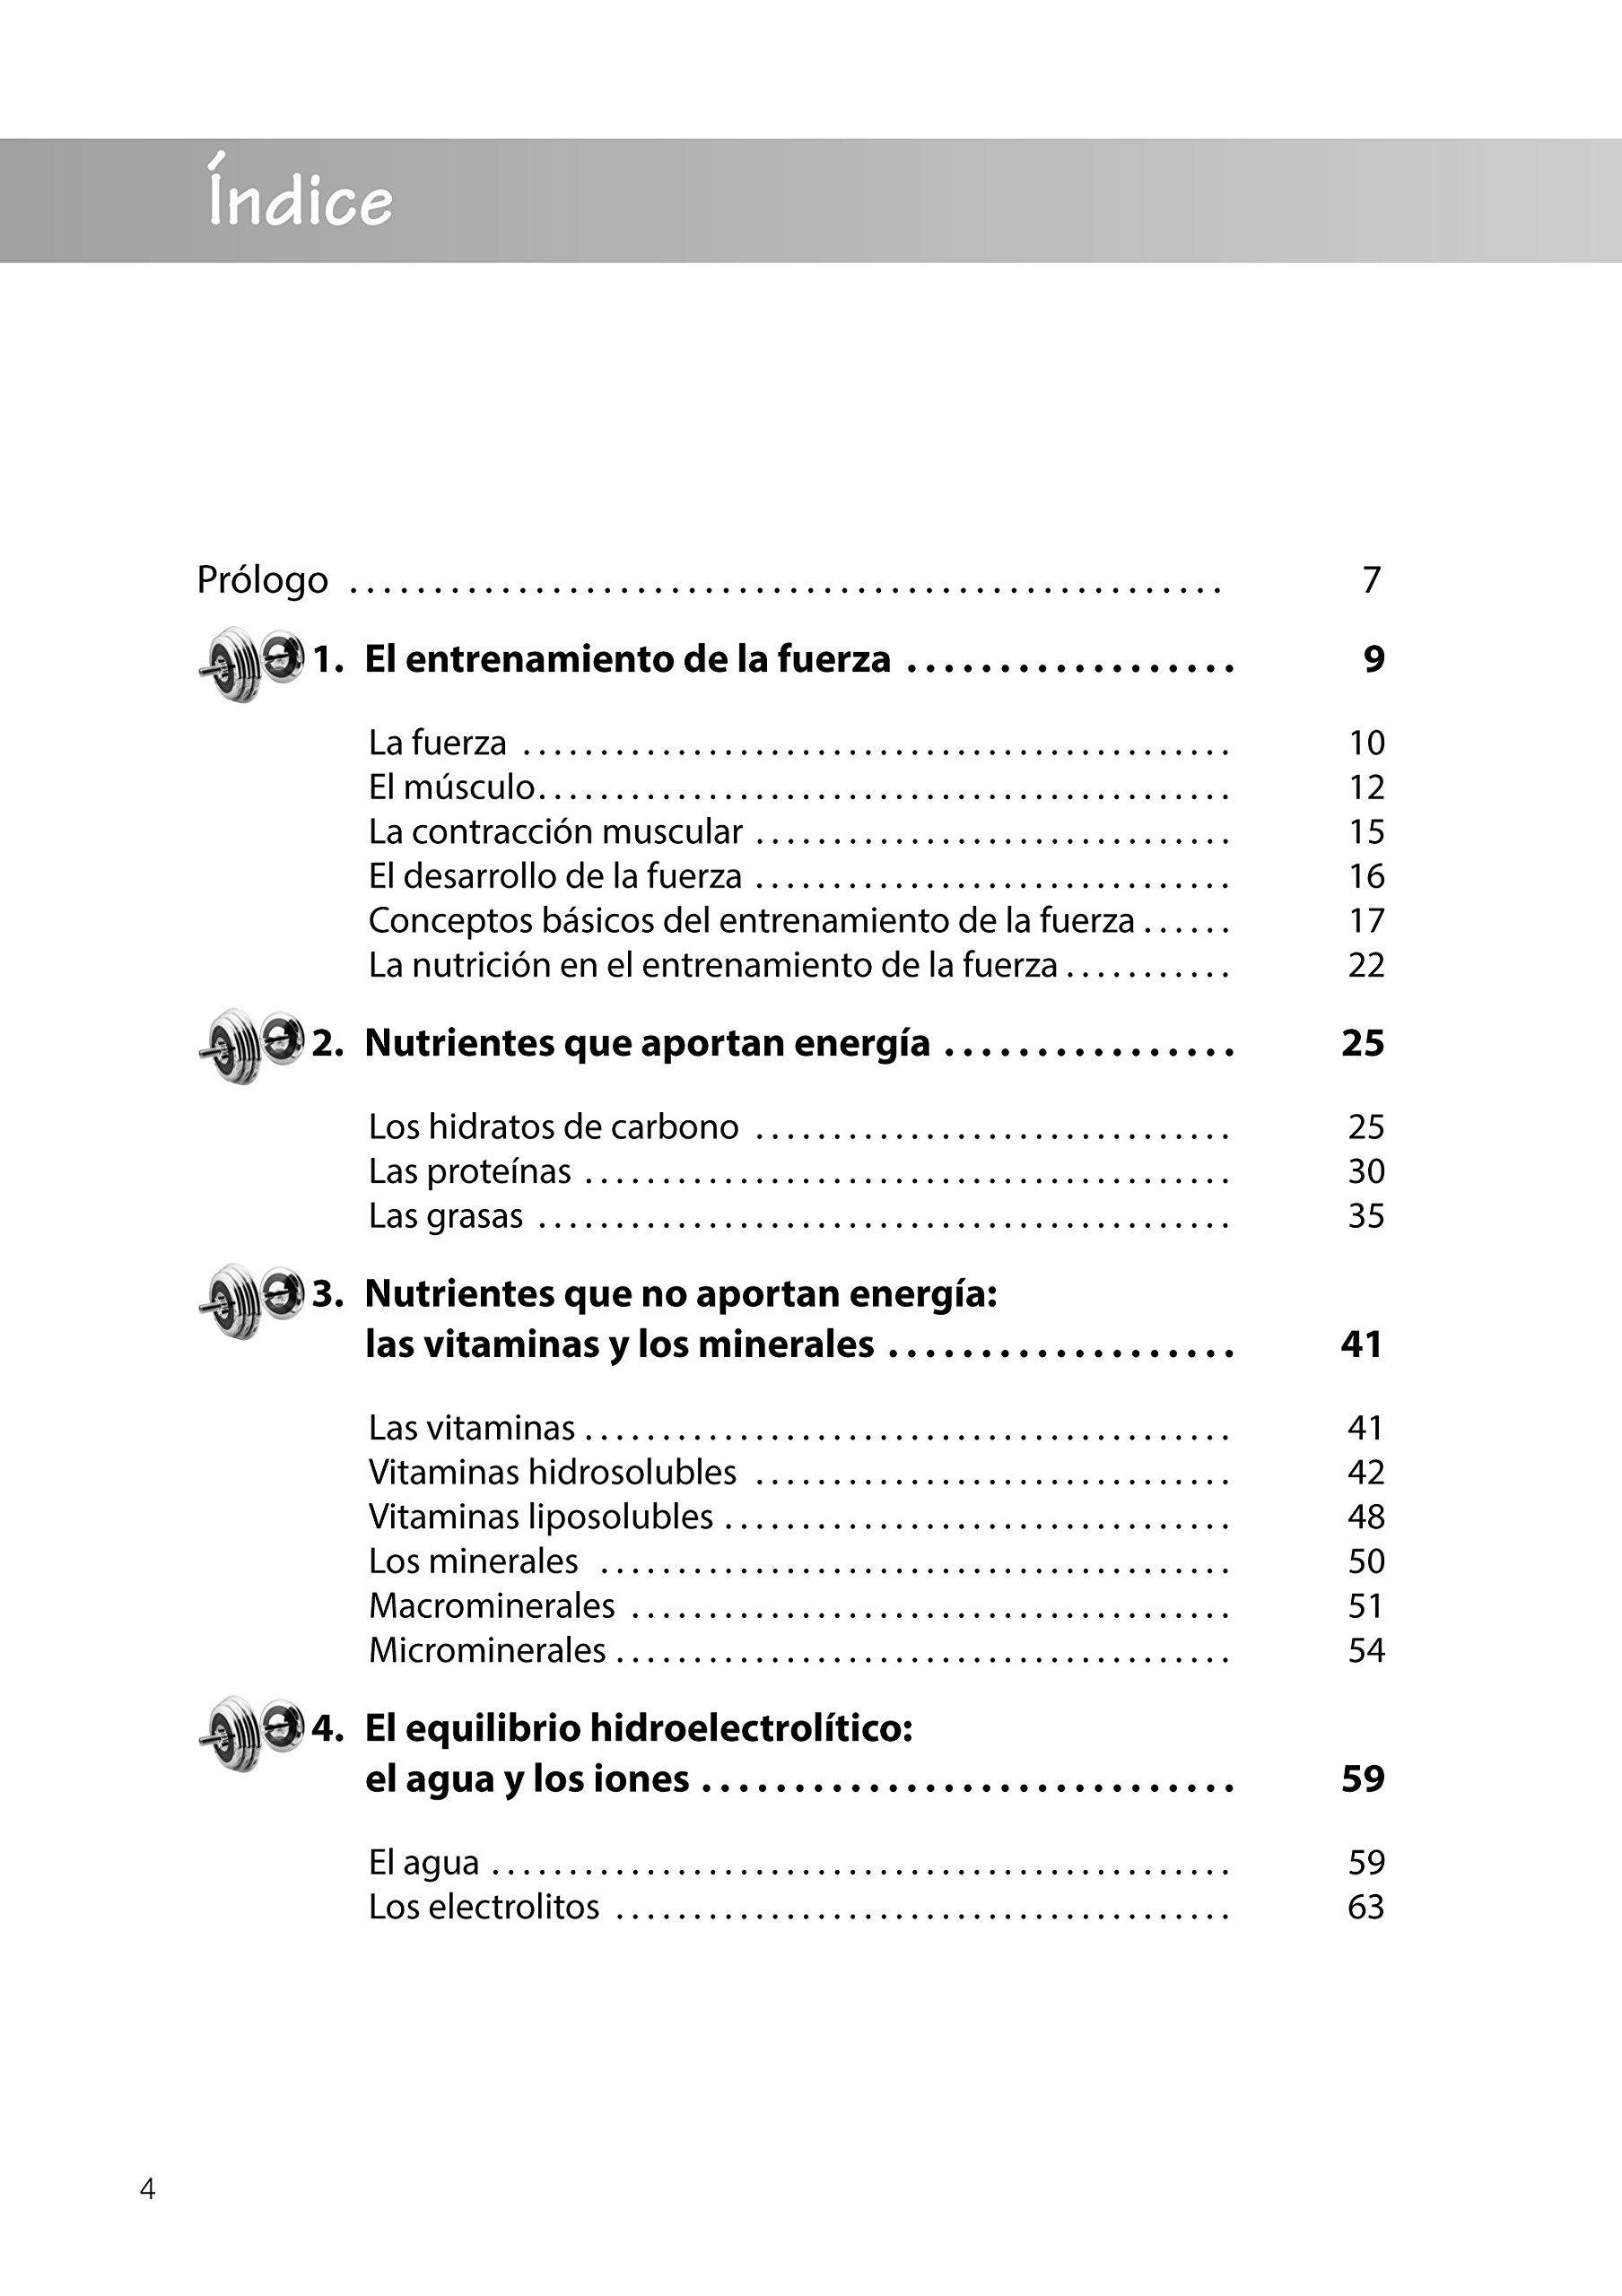 Guía De Nutrición Para El Entrenamiento De La Fuerza: Amazon.es: Alberto Muñoz Soler: Libros